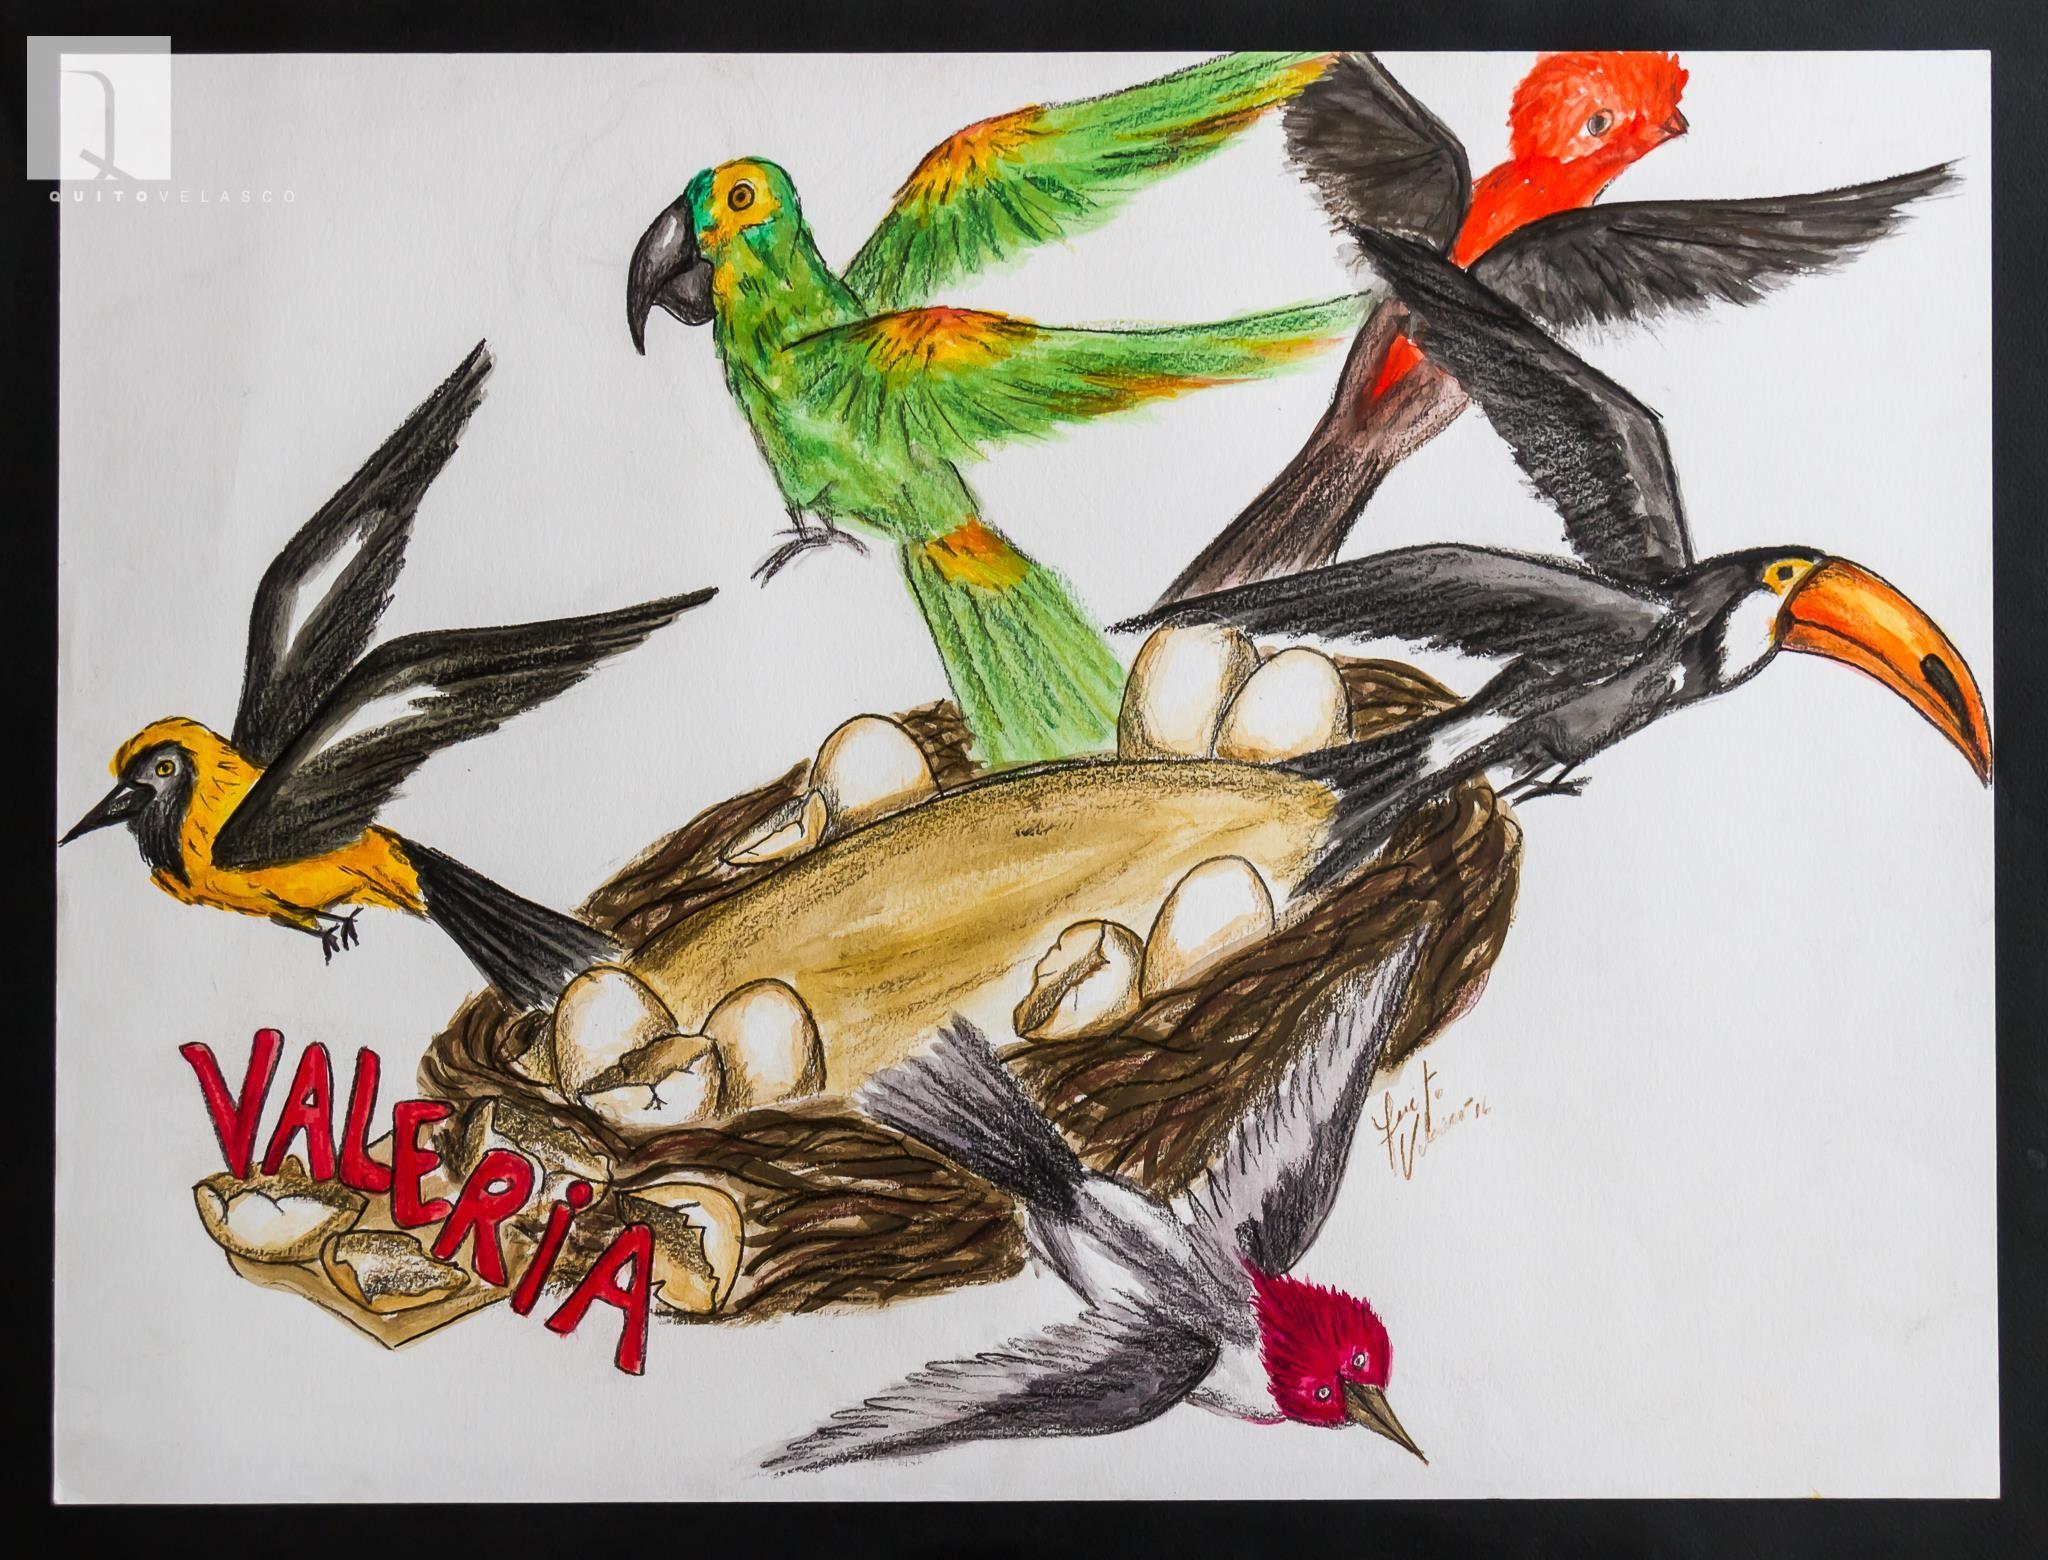 """Diseño del carro del corso de la reina del carnaval 21016, Valeria Saucedo, realizado por Quito Velasco. Bajo el nombre de """"Pichona Real"""", esta alegoría, inspirada en el nombre de la comparsa coronadora, los Pichones, representa a cinco aves (tucan, loro, matico, cardenal y gallito de la roca) rodeando un gran nido que simboliza el renacer del Carnaval."""